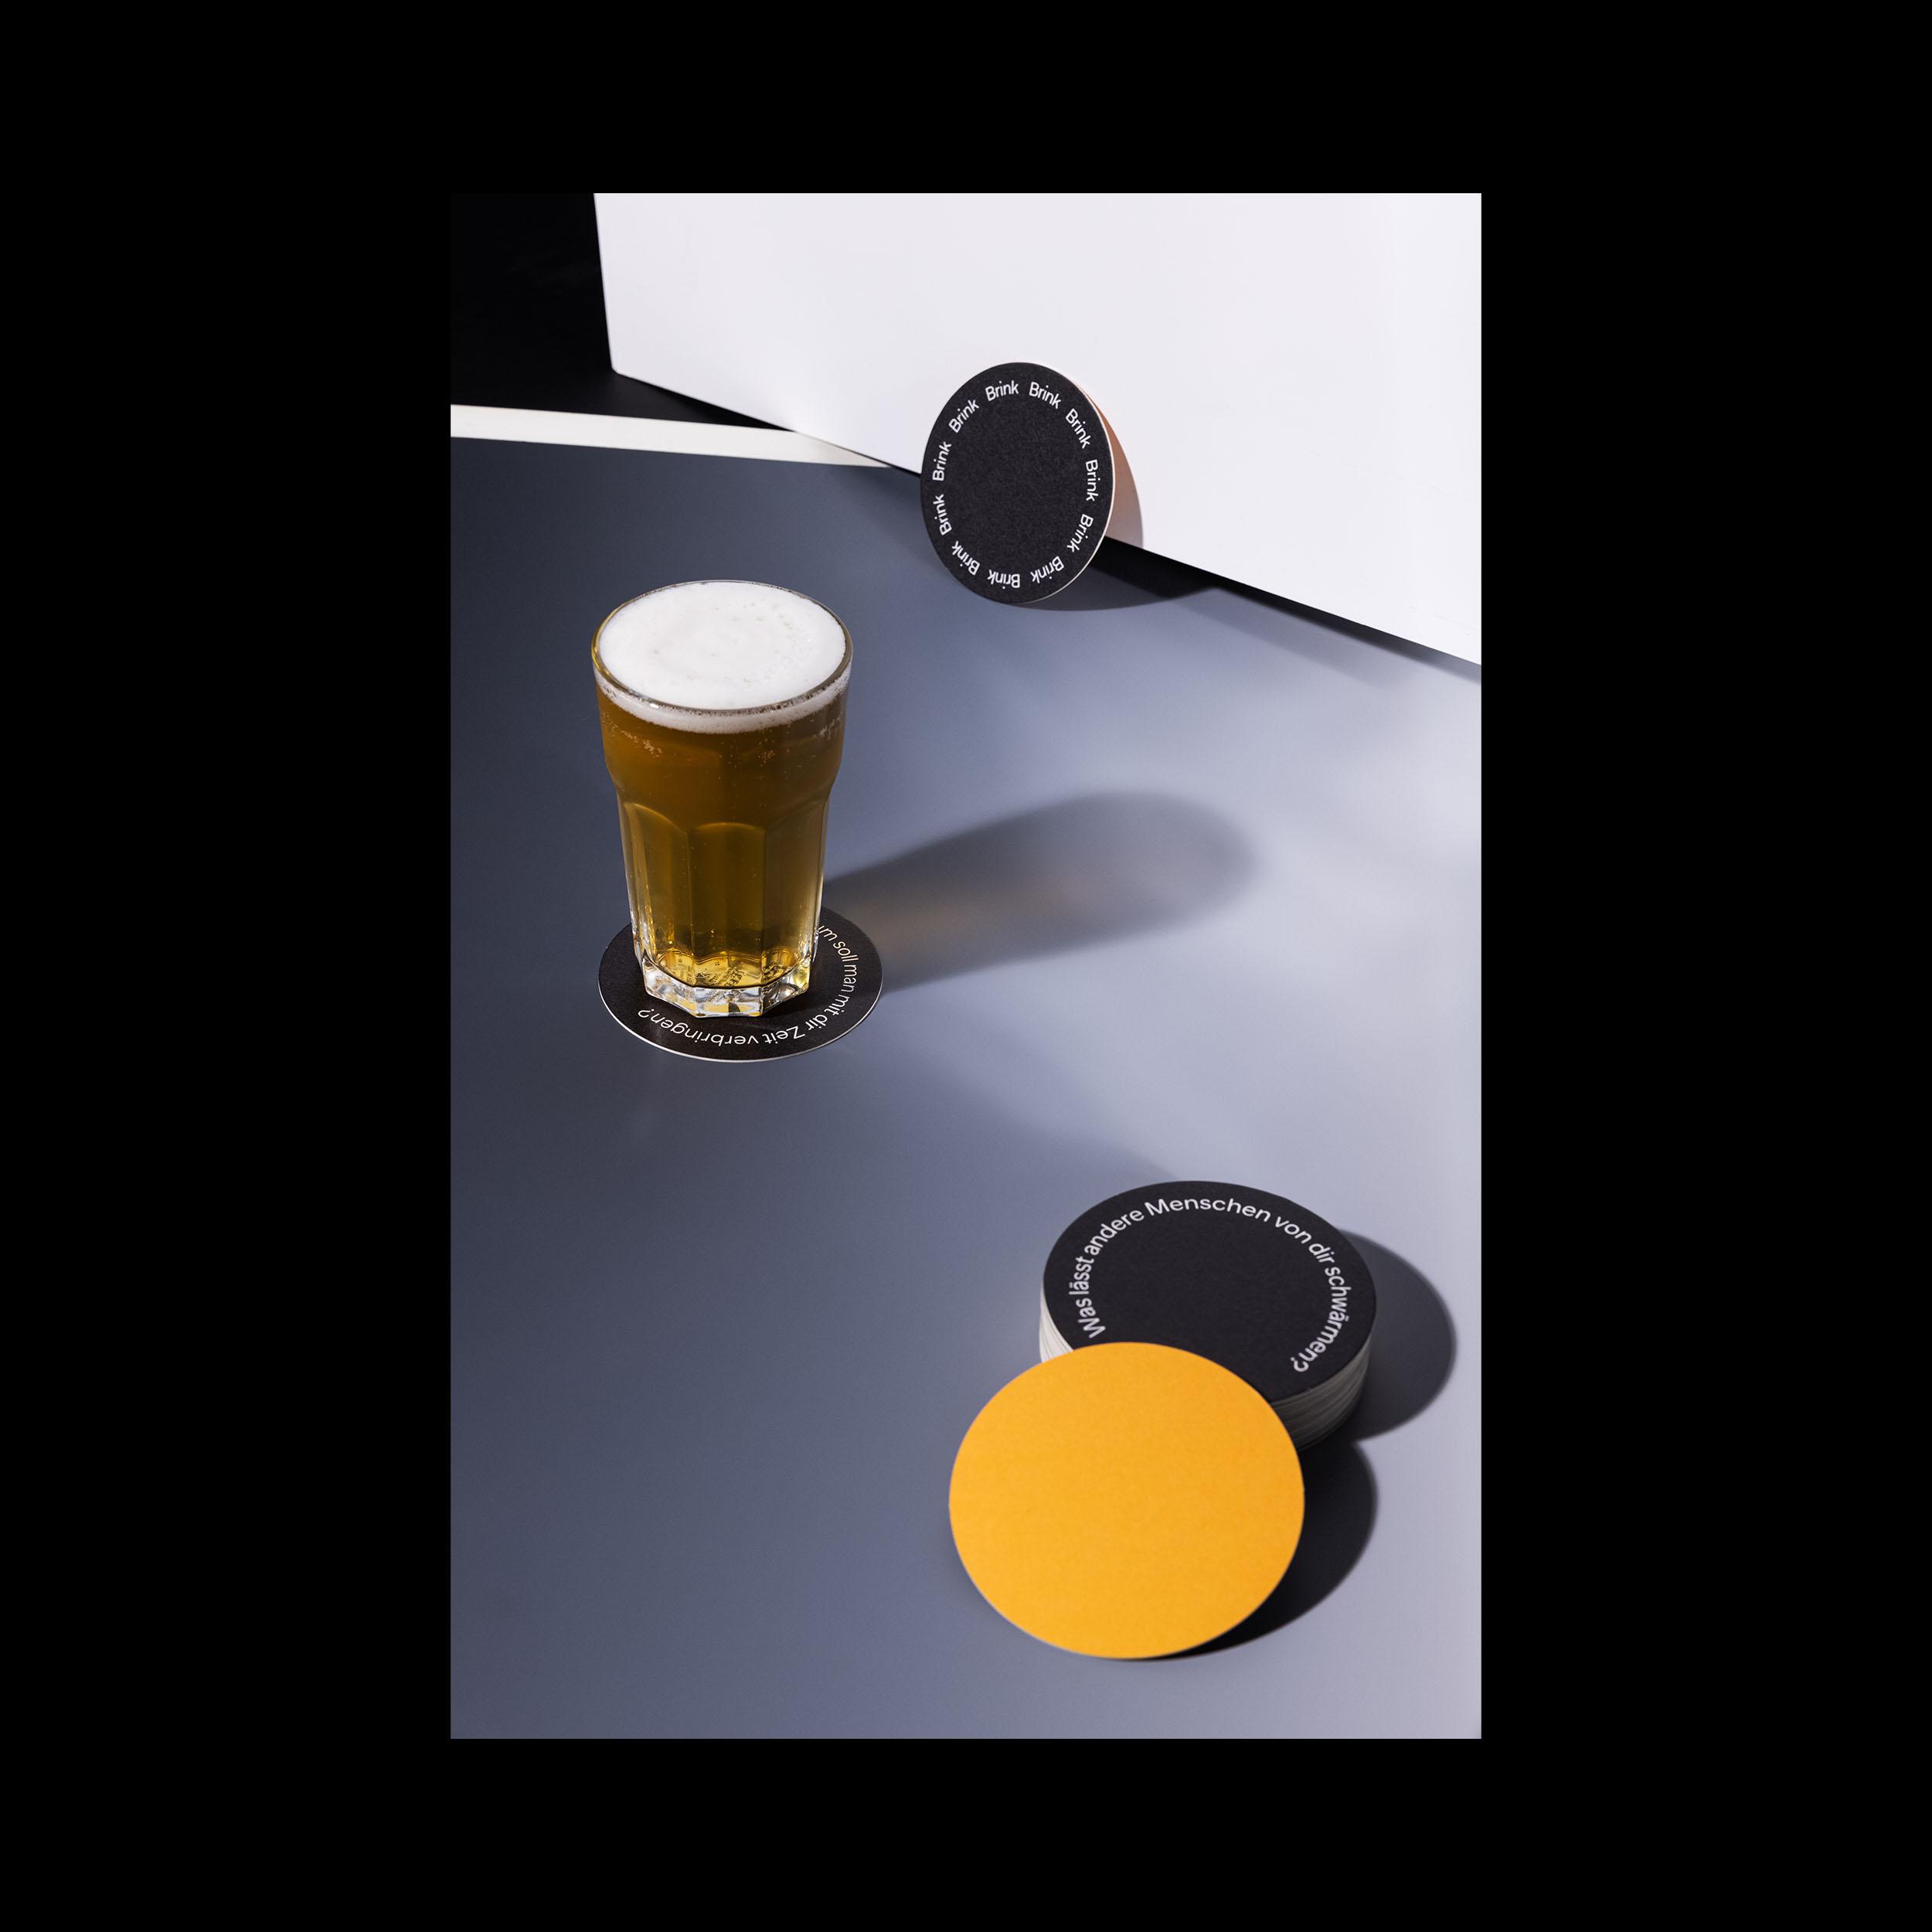 Ein frisch gezapftes Bier auf den Bierdeckel-Identitätskarten von Brink.